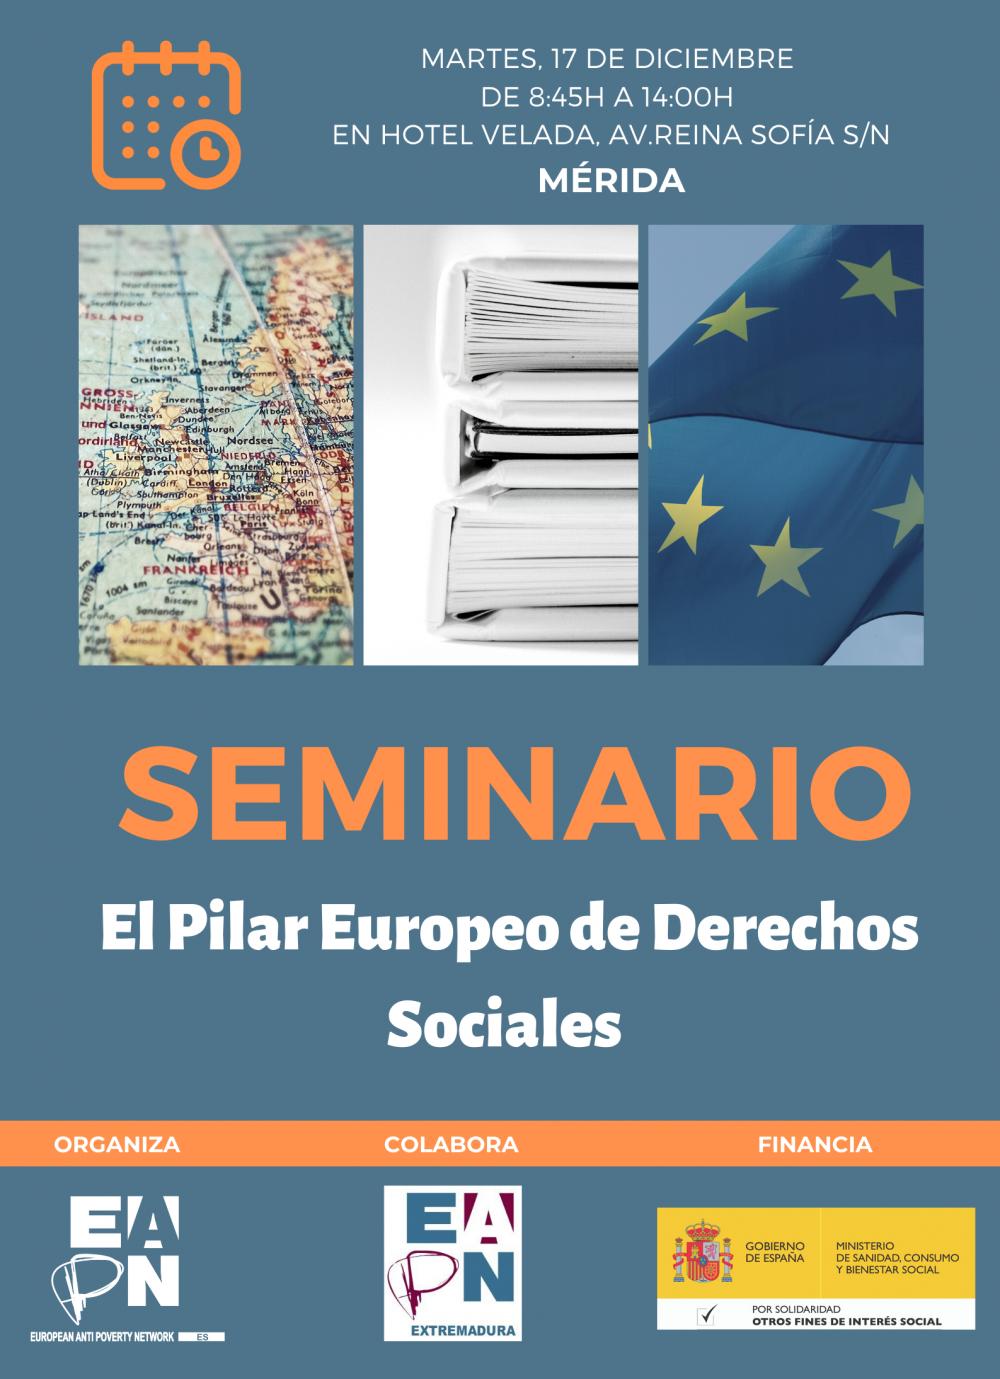 """Mérida_17/12/2019_Seminario: """"El Pilar Europeo de Derechos Sociales"""""""